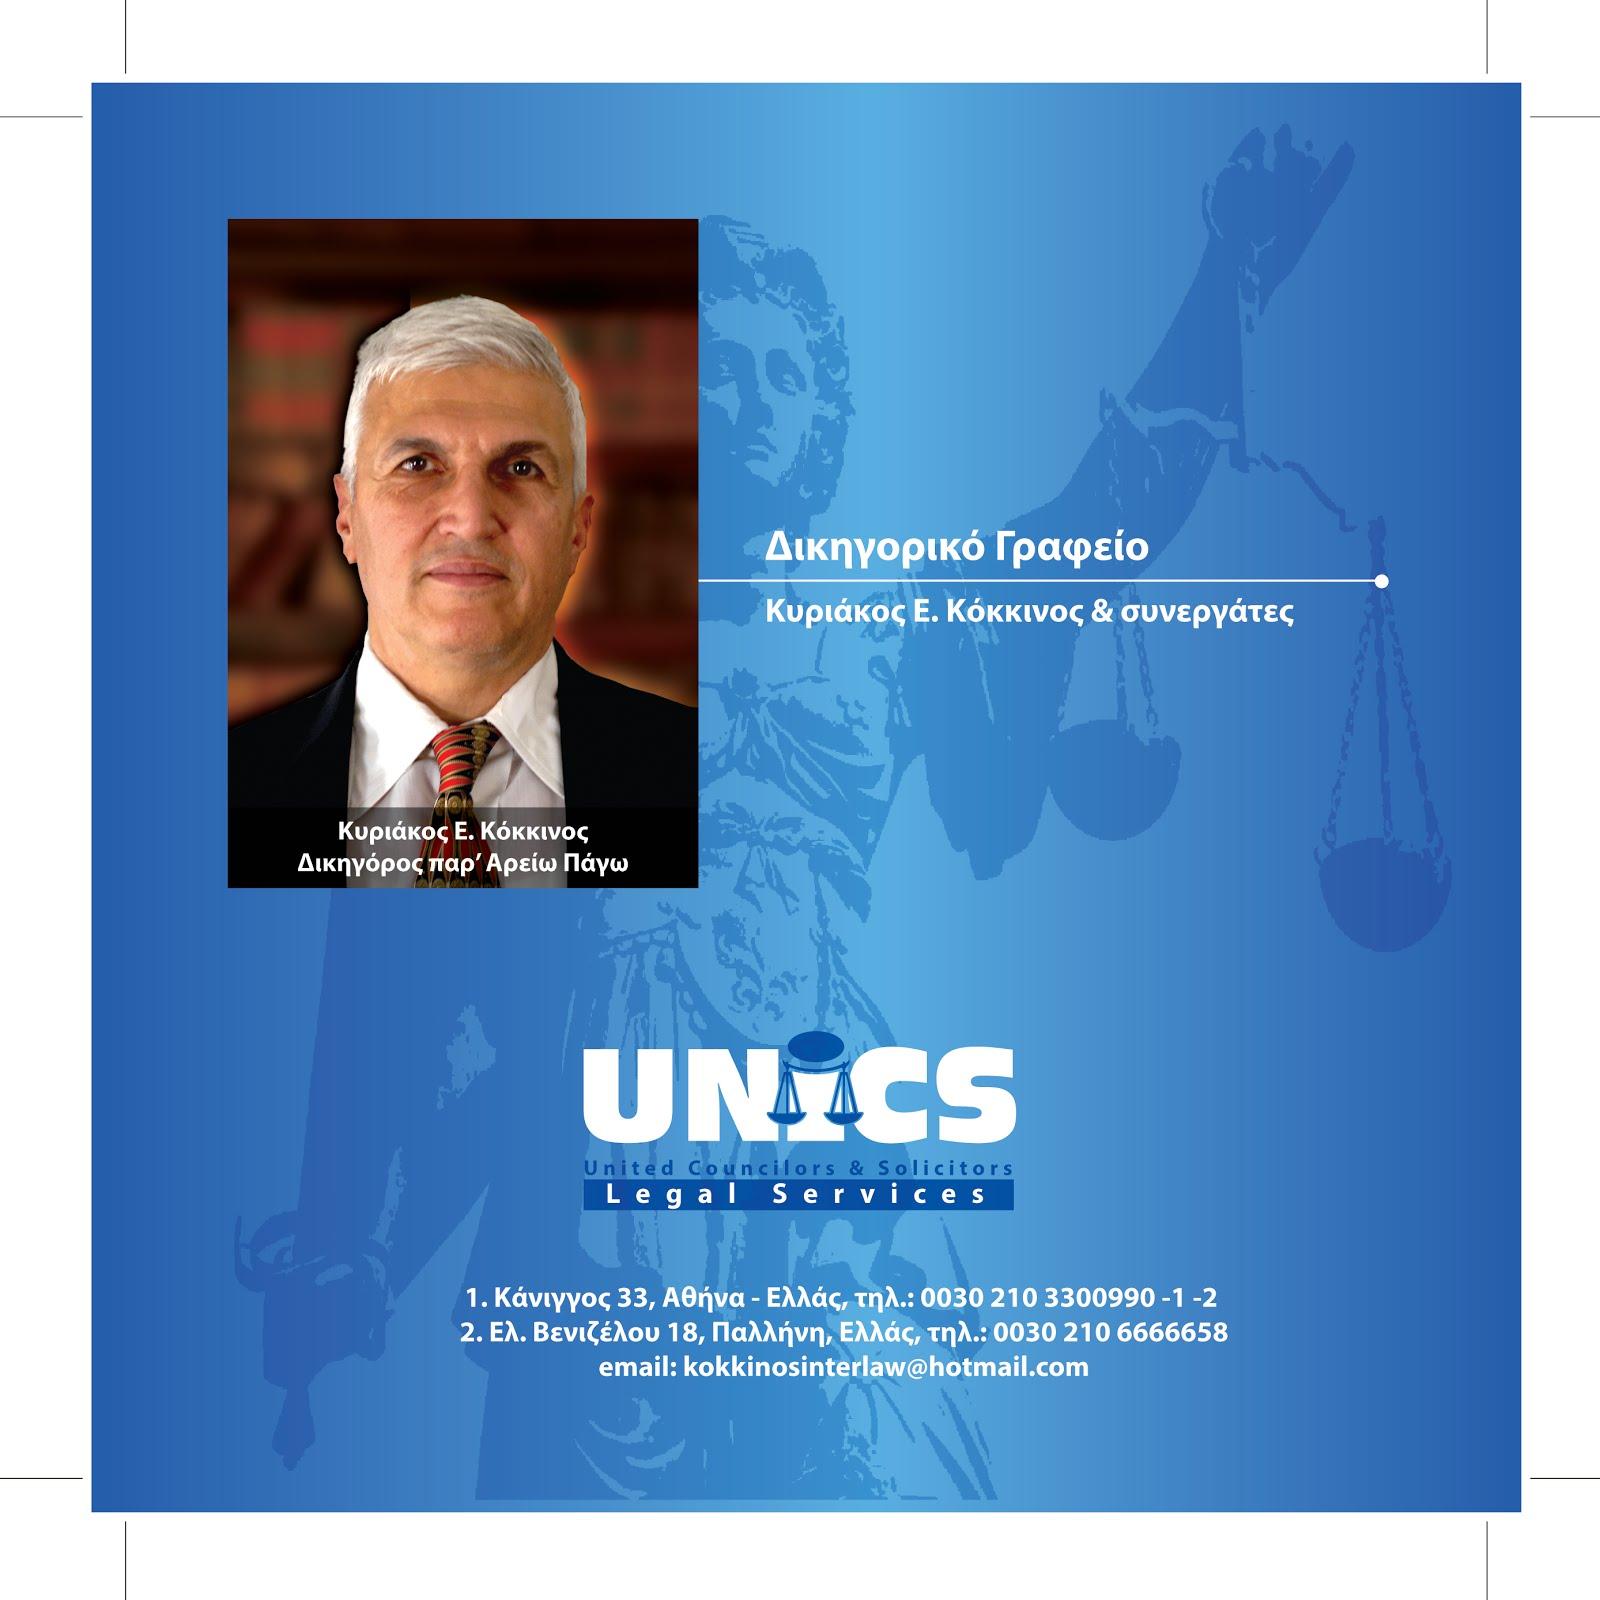 UNICS LEGAL SERVICES